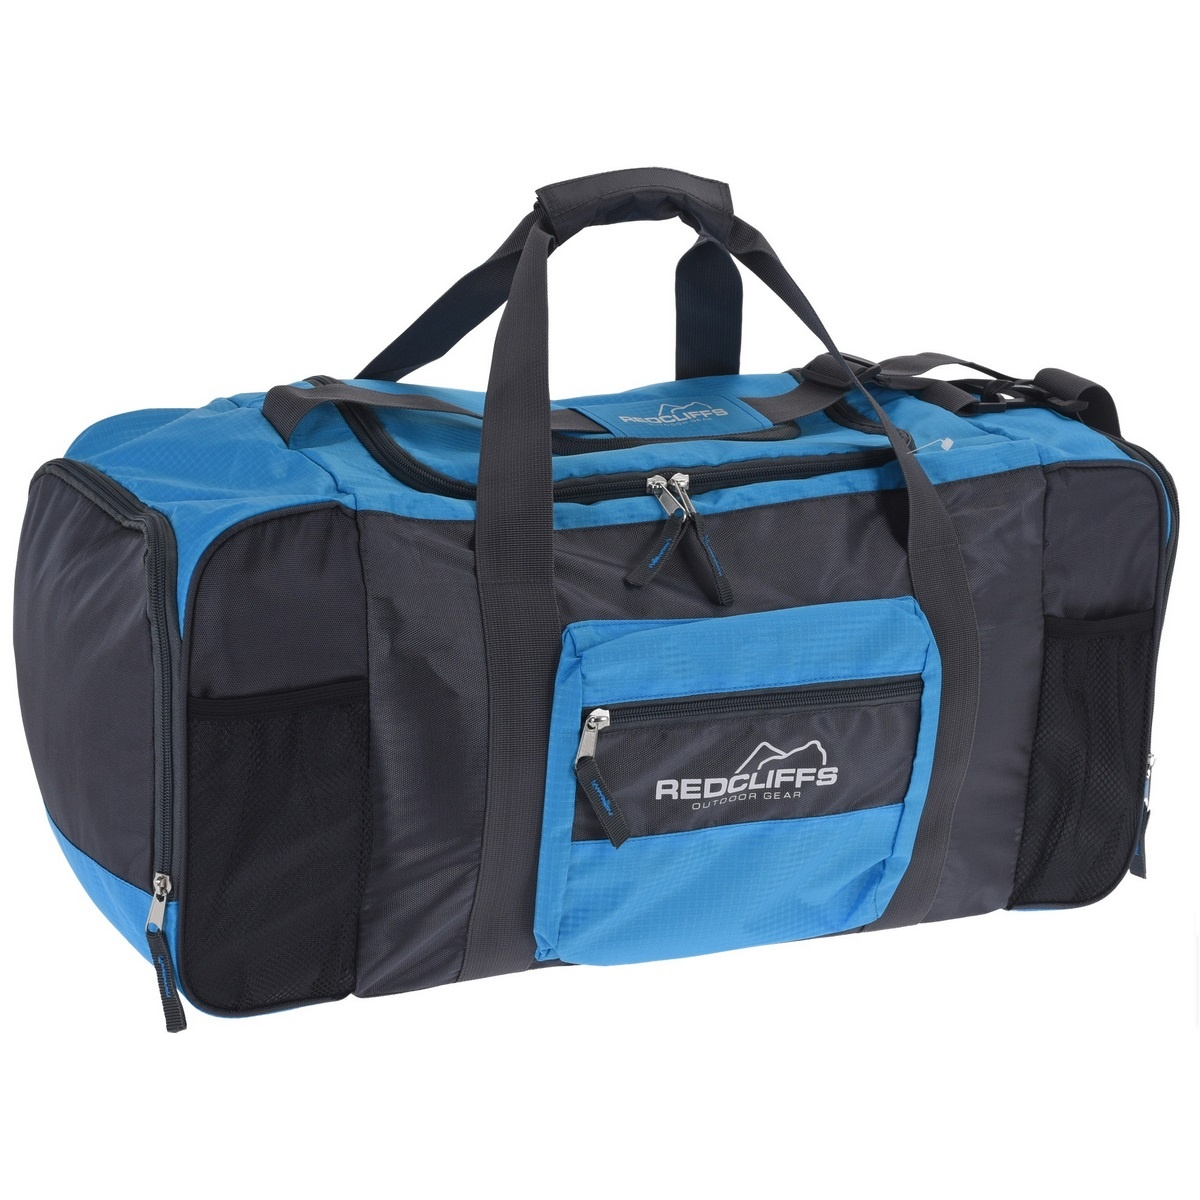 Redcliffs Sportovní taška modrá, 57 x 22 x 26 cm